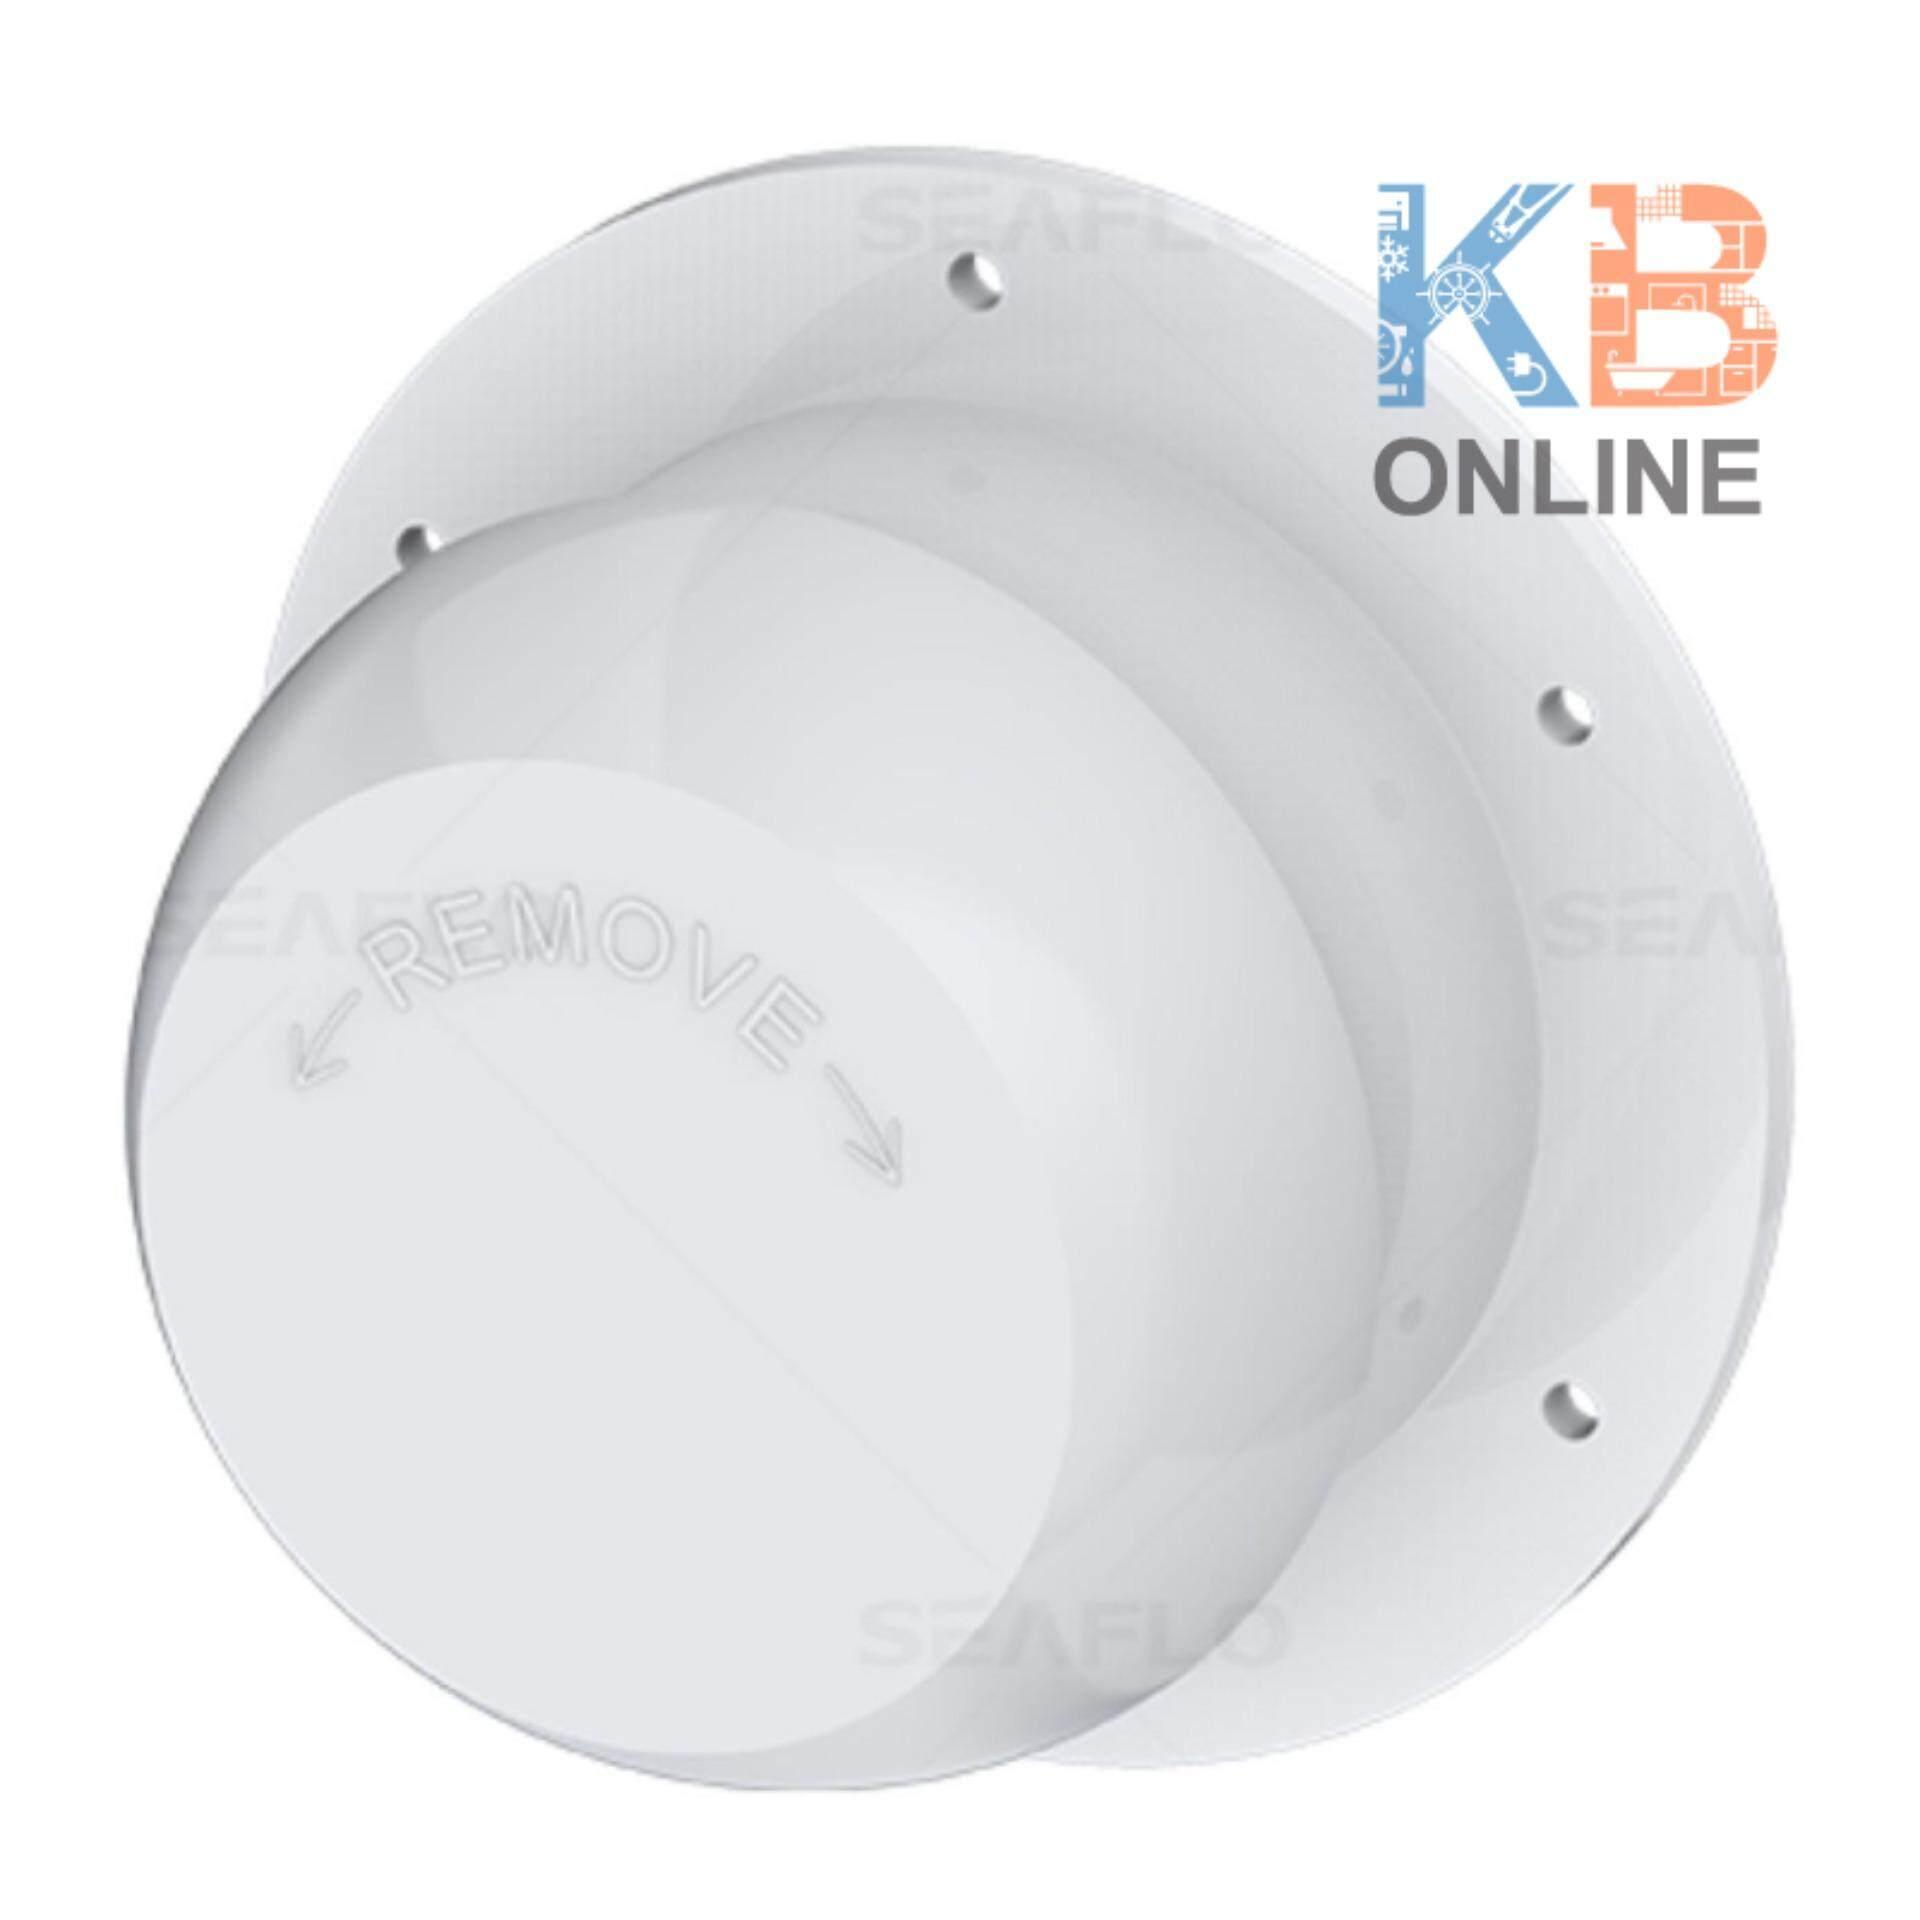 ช่องระบายอากาศ SEAFLO L 134 x H 71 mm สีขาว